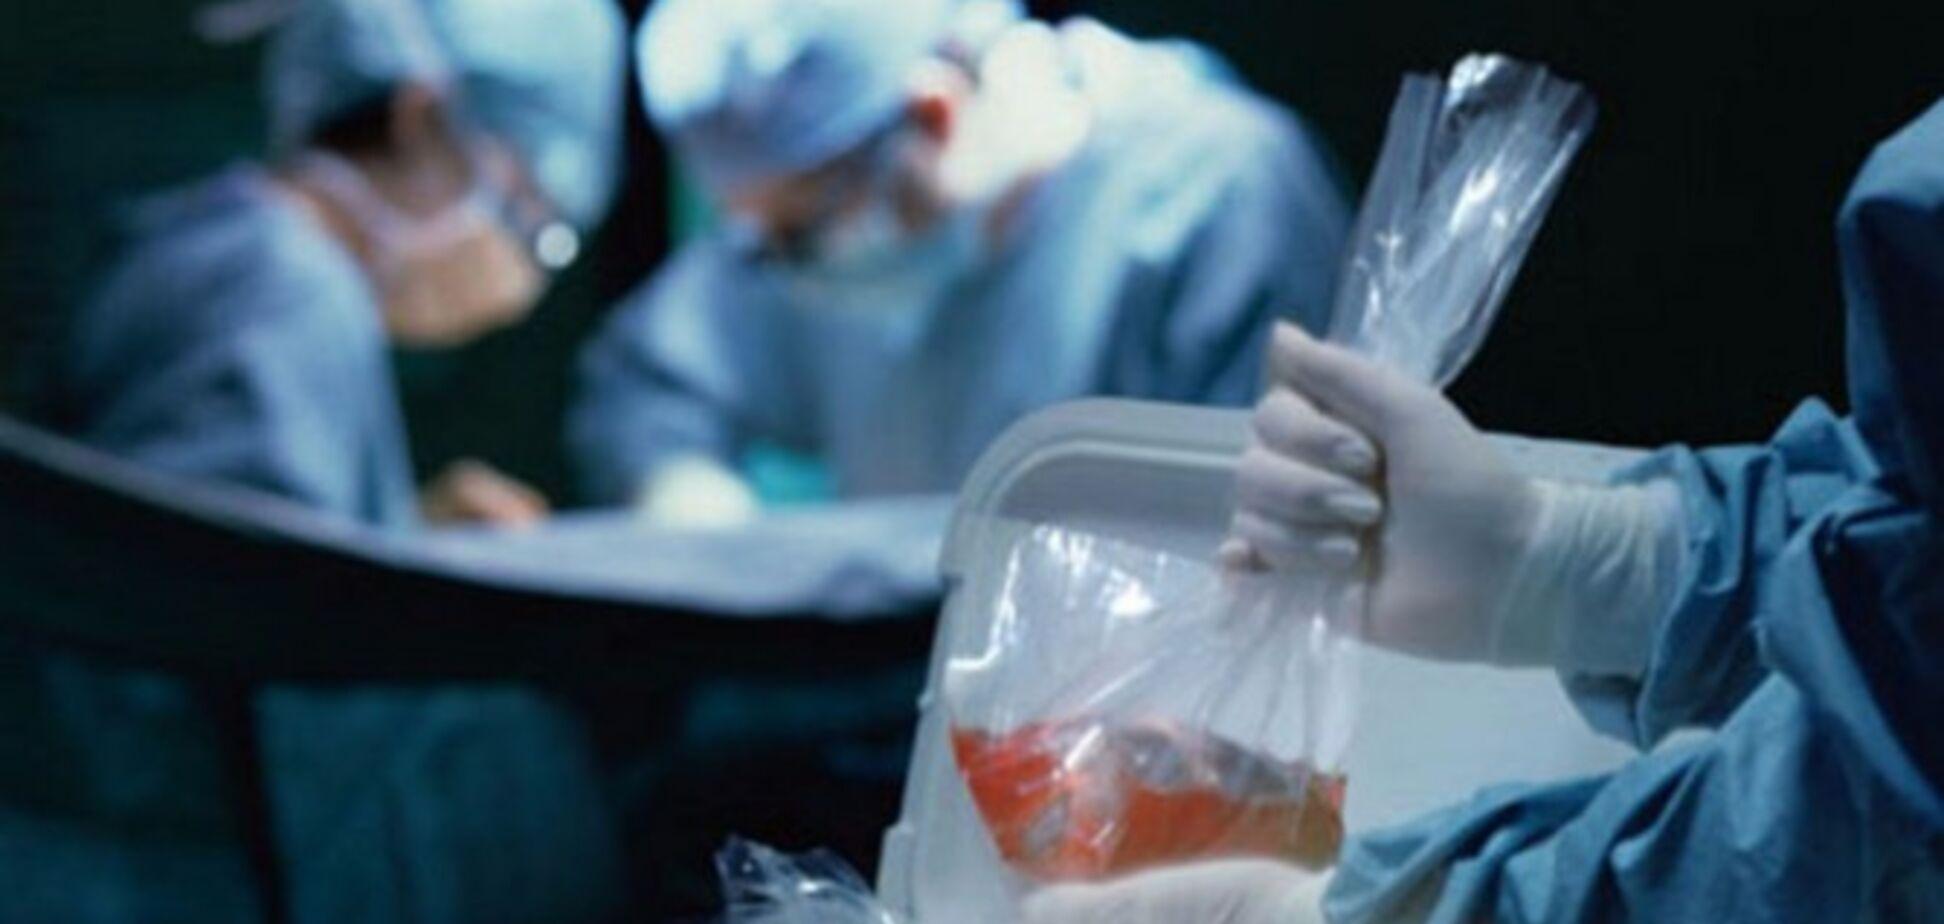 Трансплантация органов на месте: в украинской медицине грядет революция